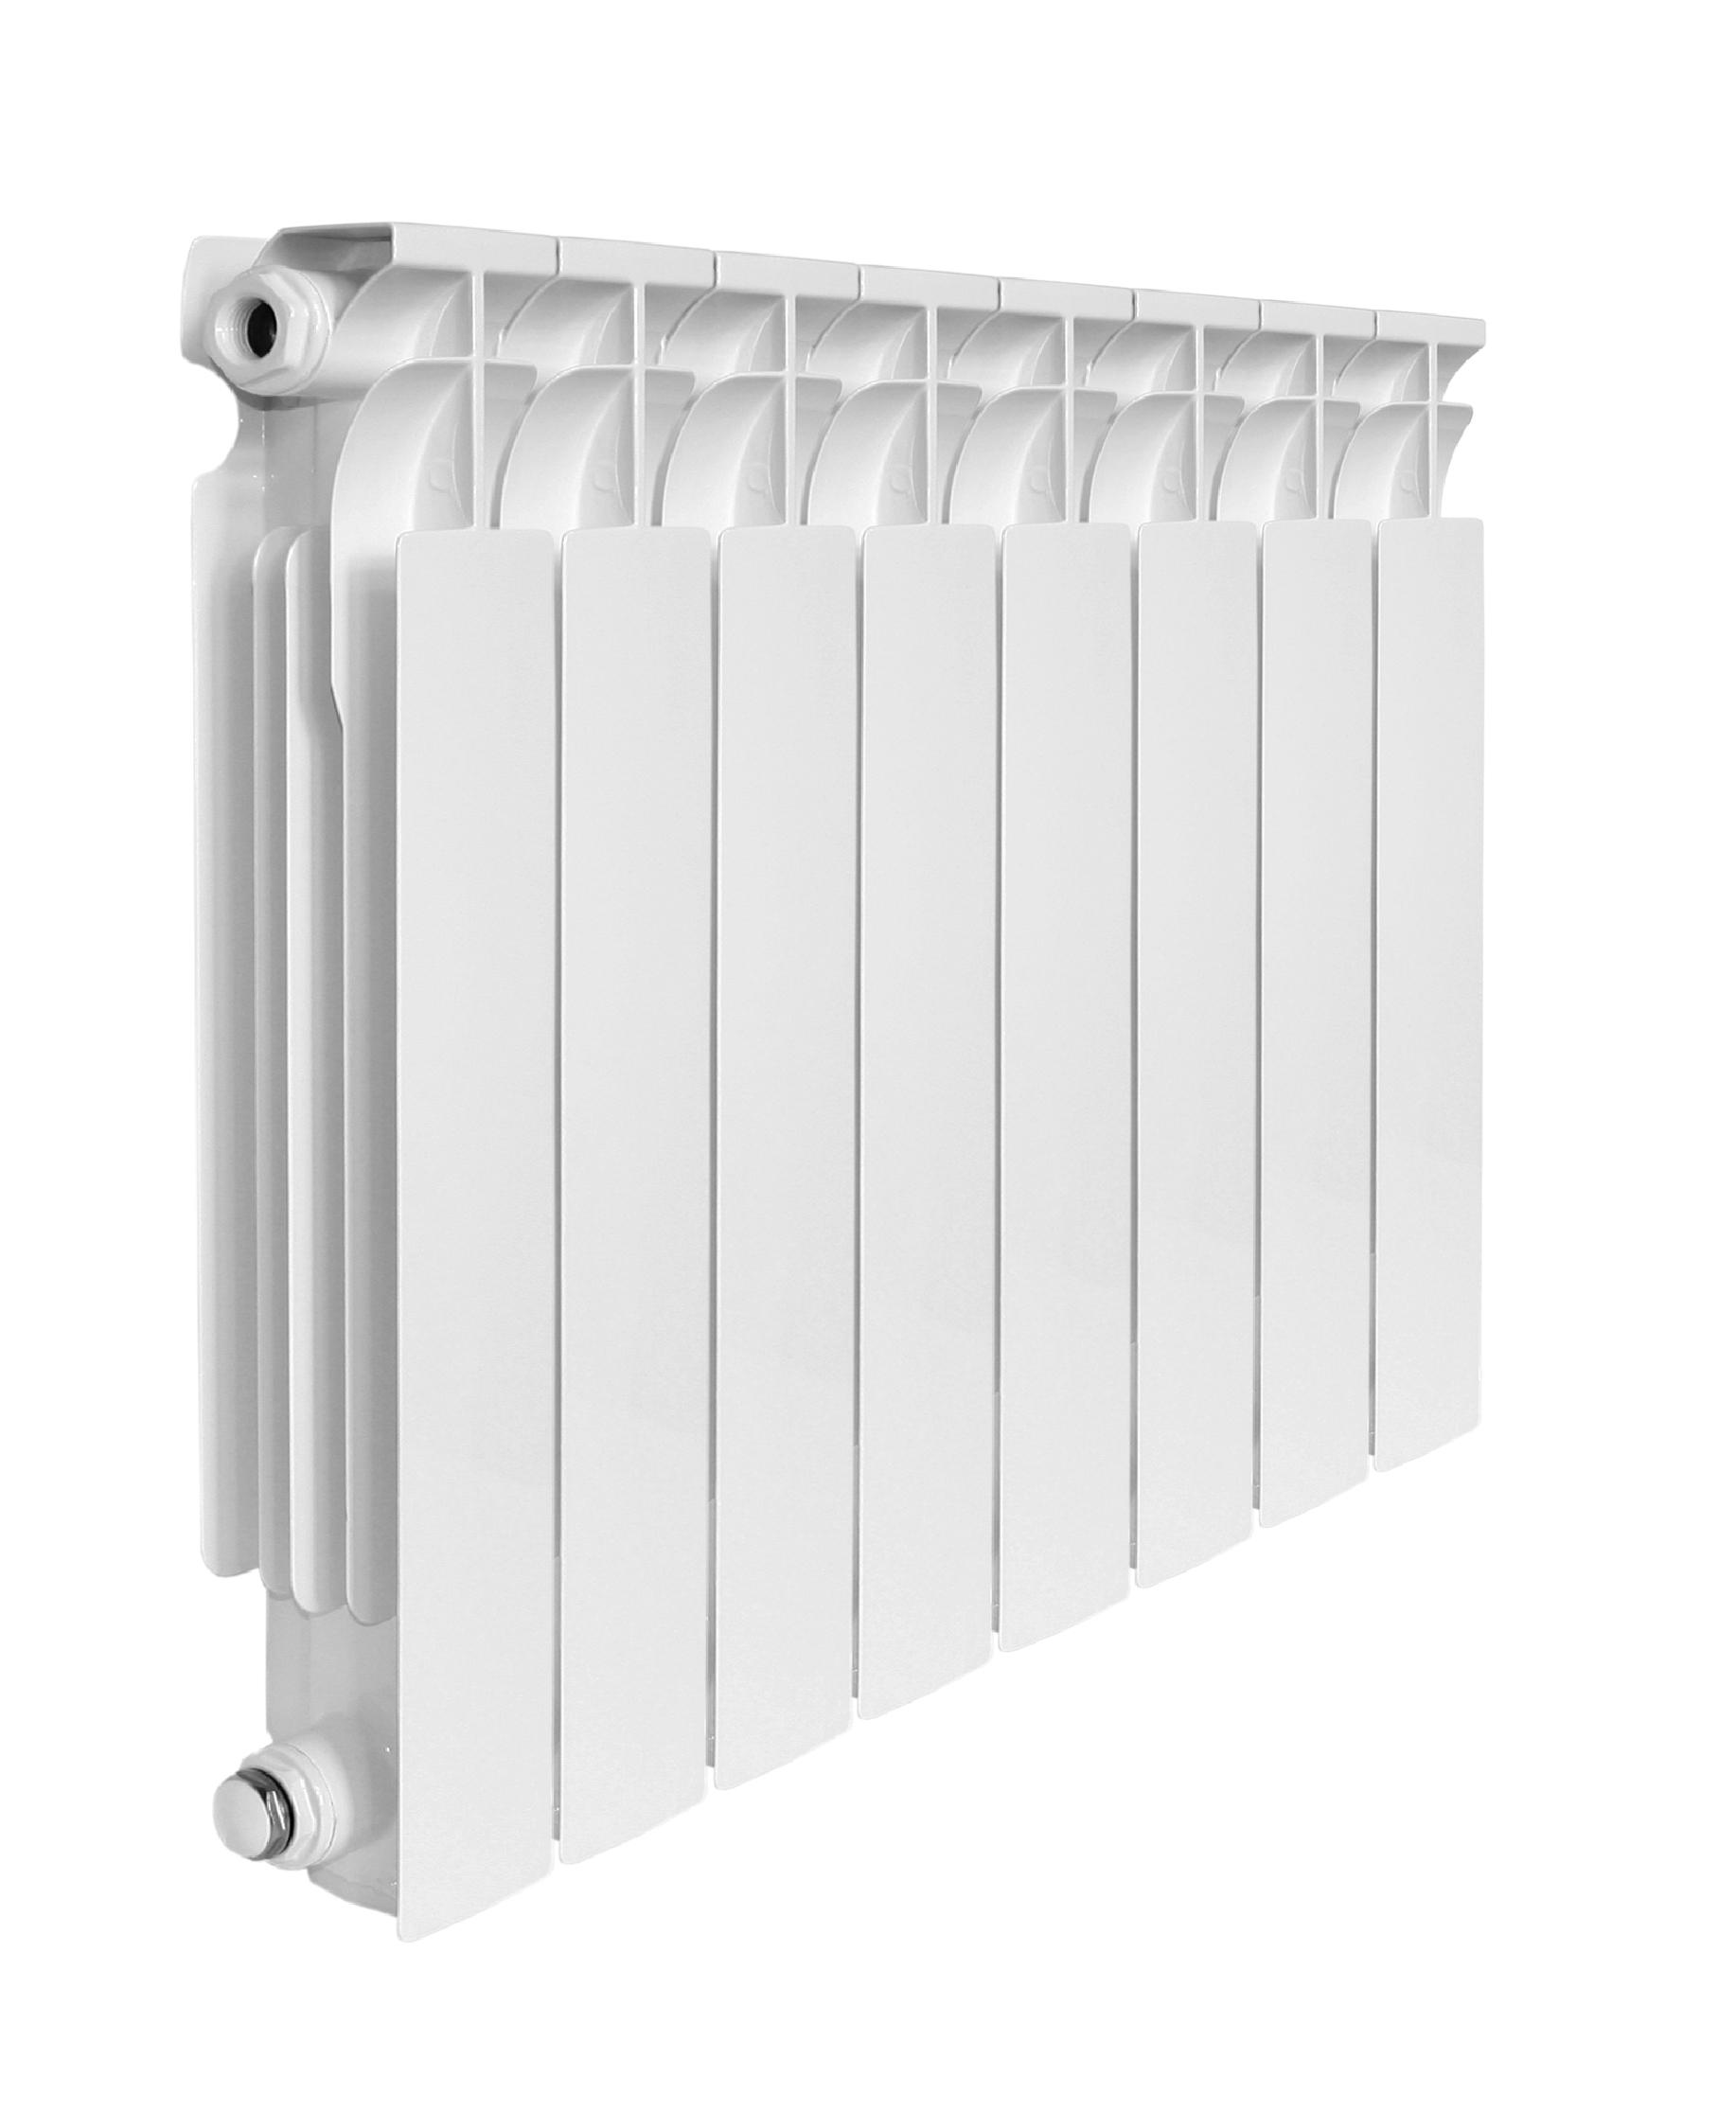 Chauffage appoint veranda travaux maison le tampon la for Radiateur electrique basse consommation